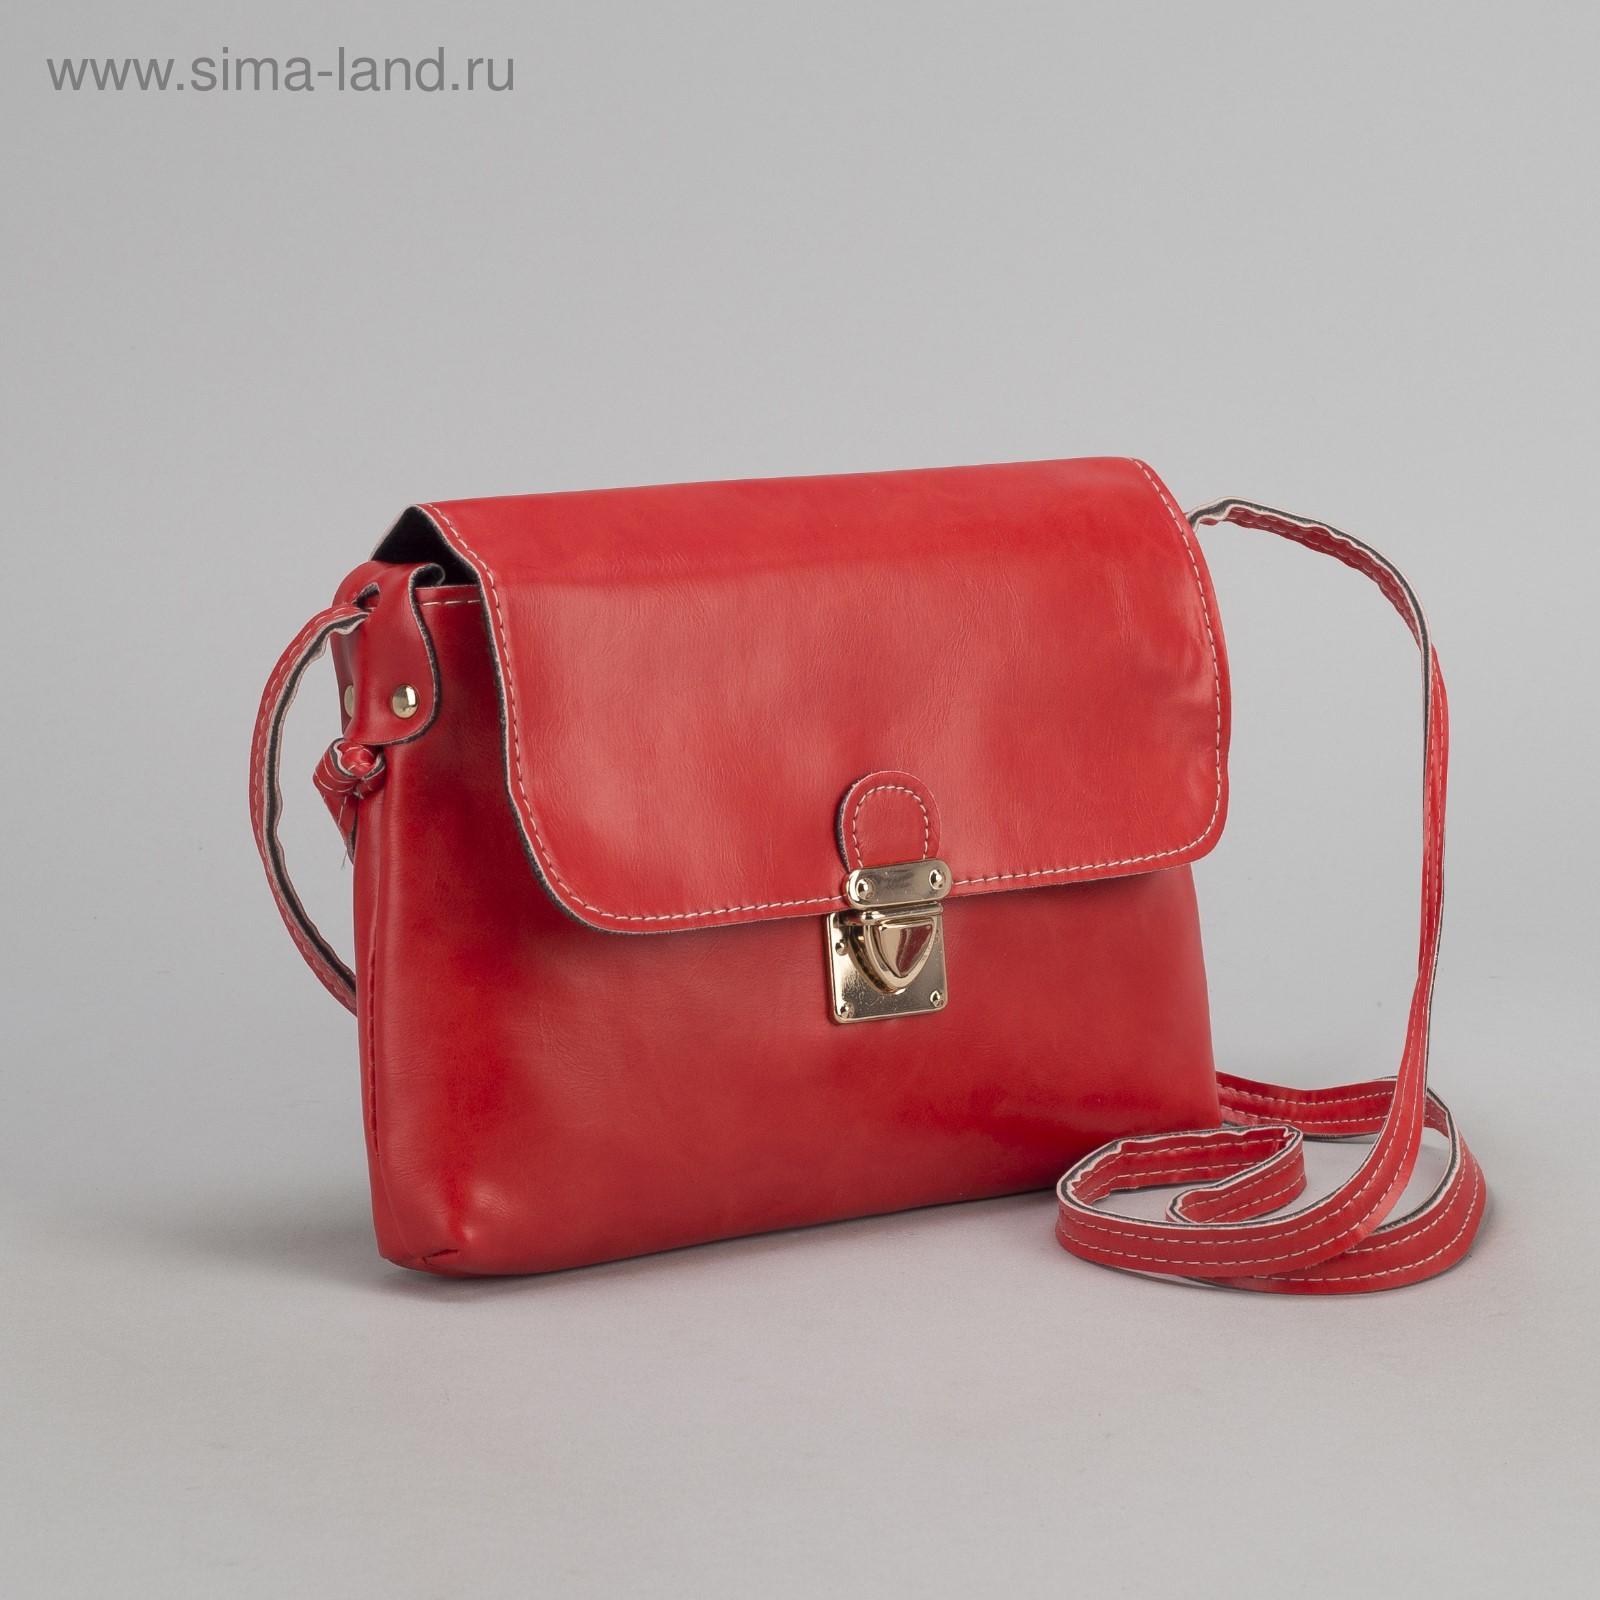 5eaa4899c1f3 Сумка женская на клапане, 1 отдел, длинный ремень, цвет красный ...